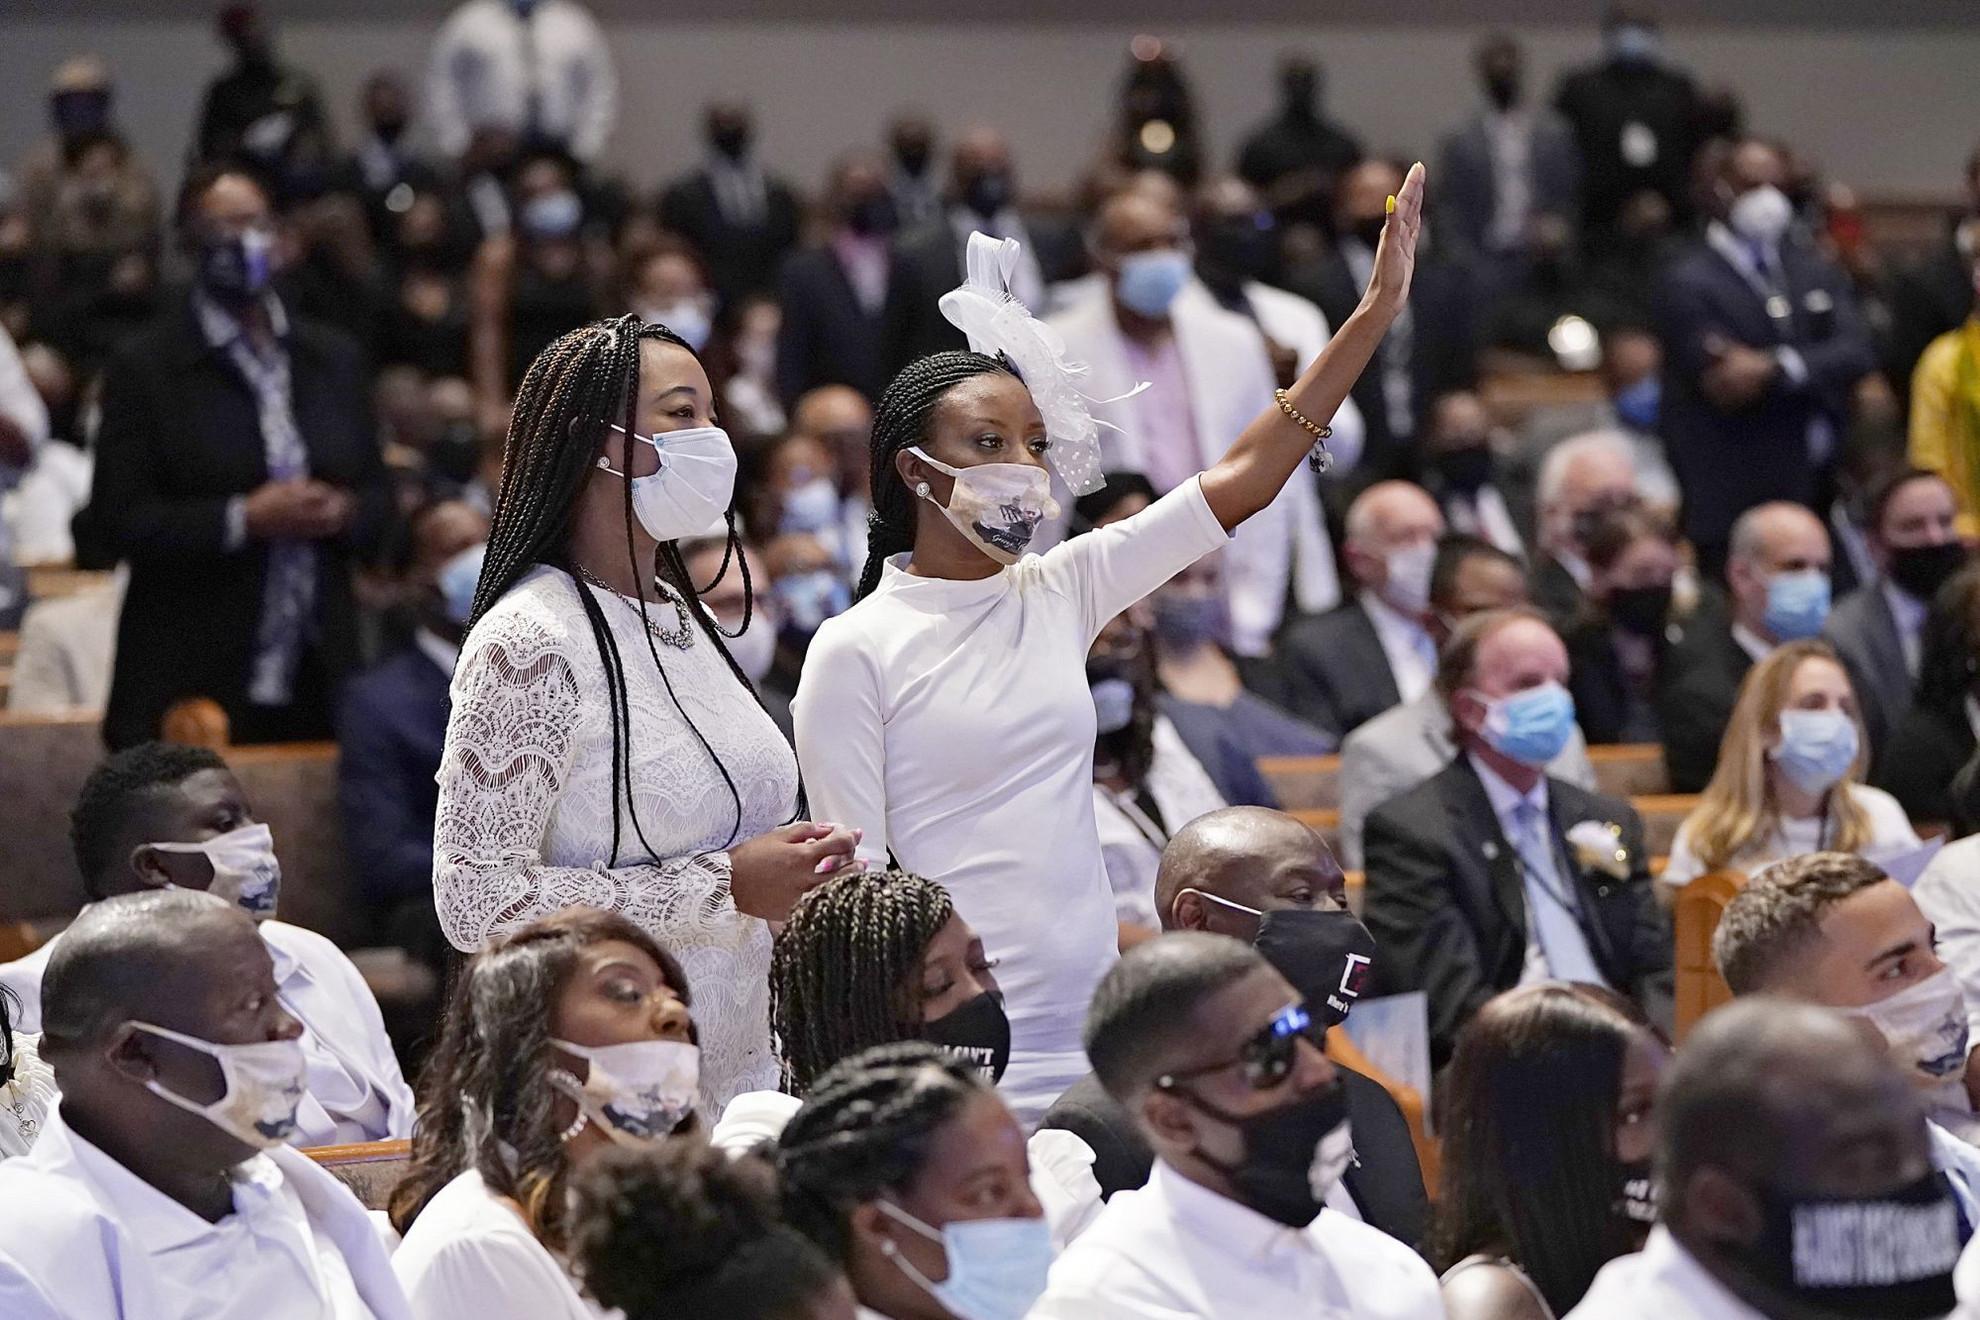 Több ezren vettek részt az év talán egyik legnagyobb hatású temetésén és az azt kísérő megemlékezésen a texasi városban